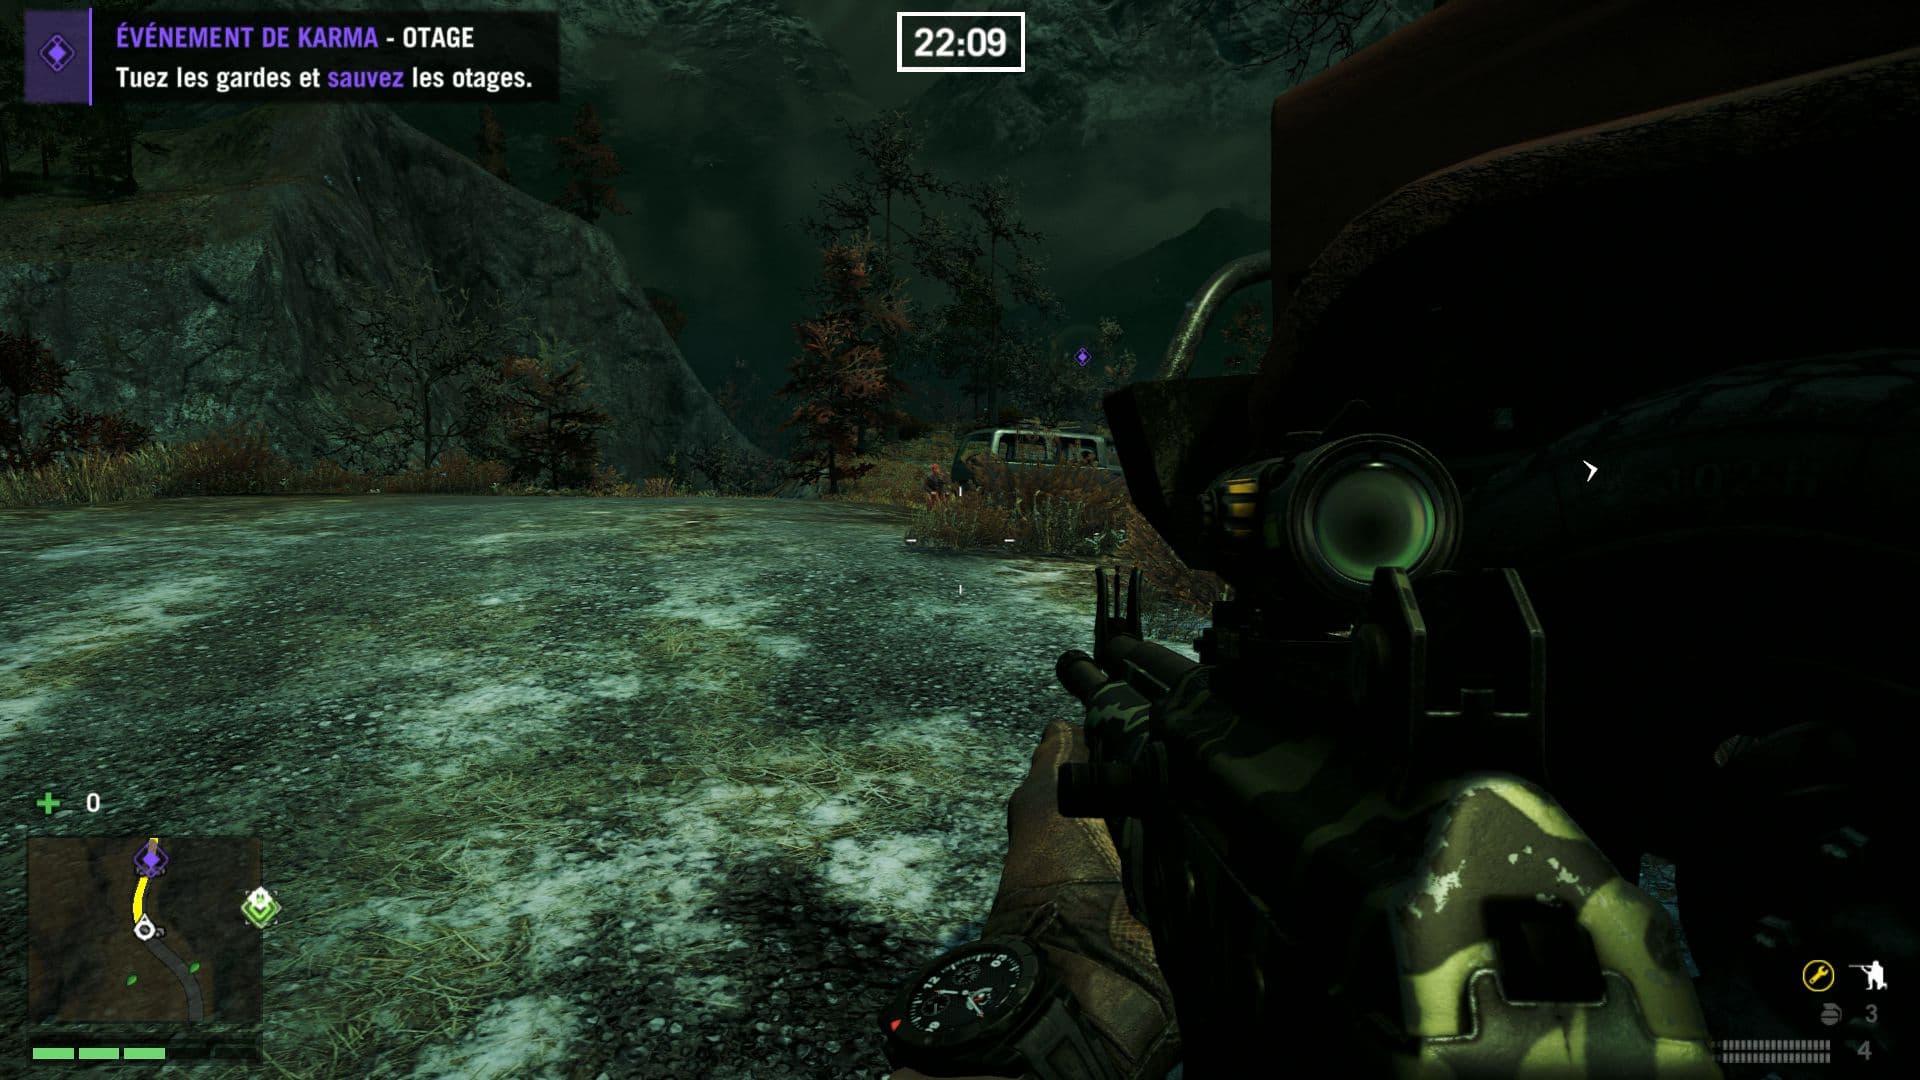 Far Cry 4: Escape phron Durgesh Prison